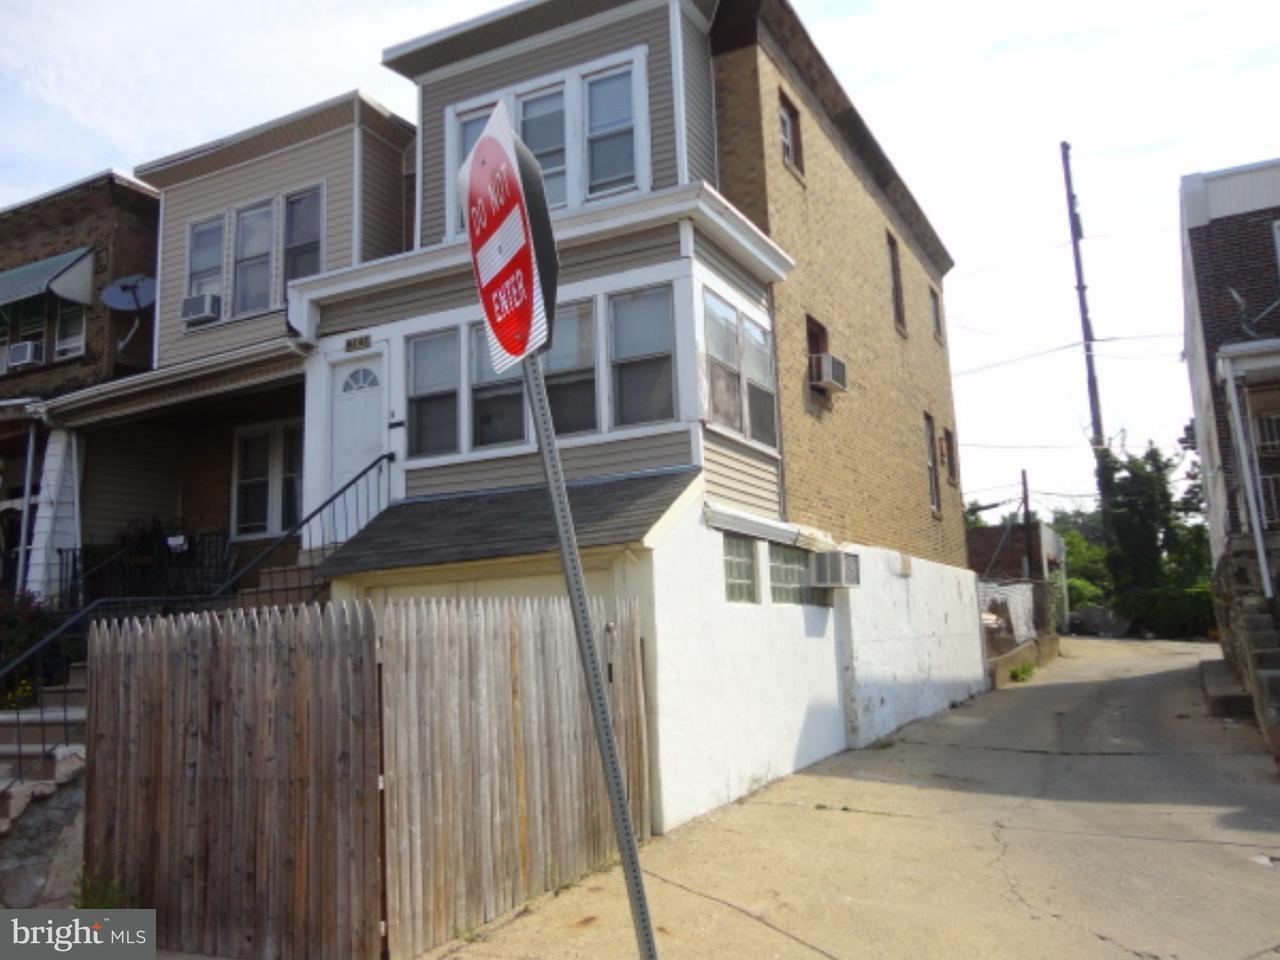 4341 N 6TH Philadelphia, PA 19140